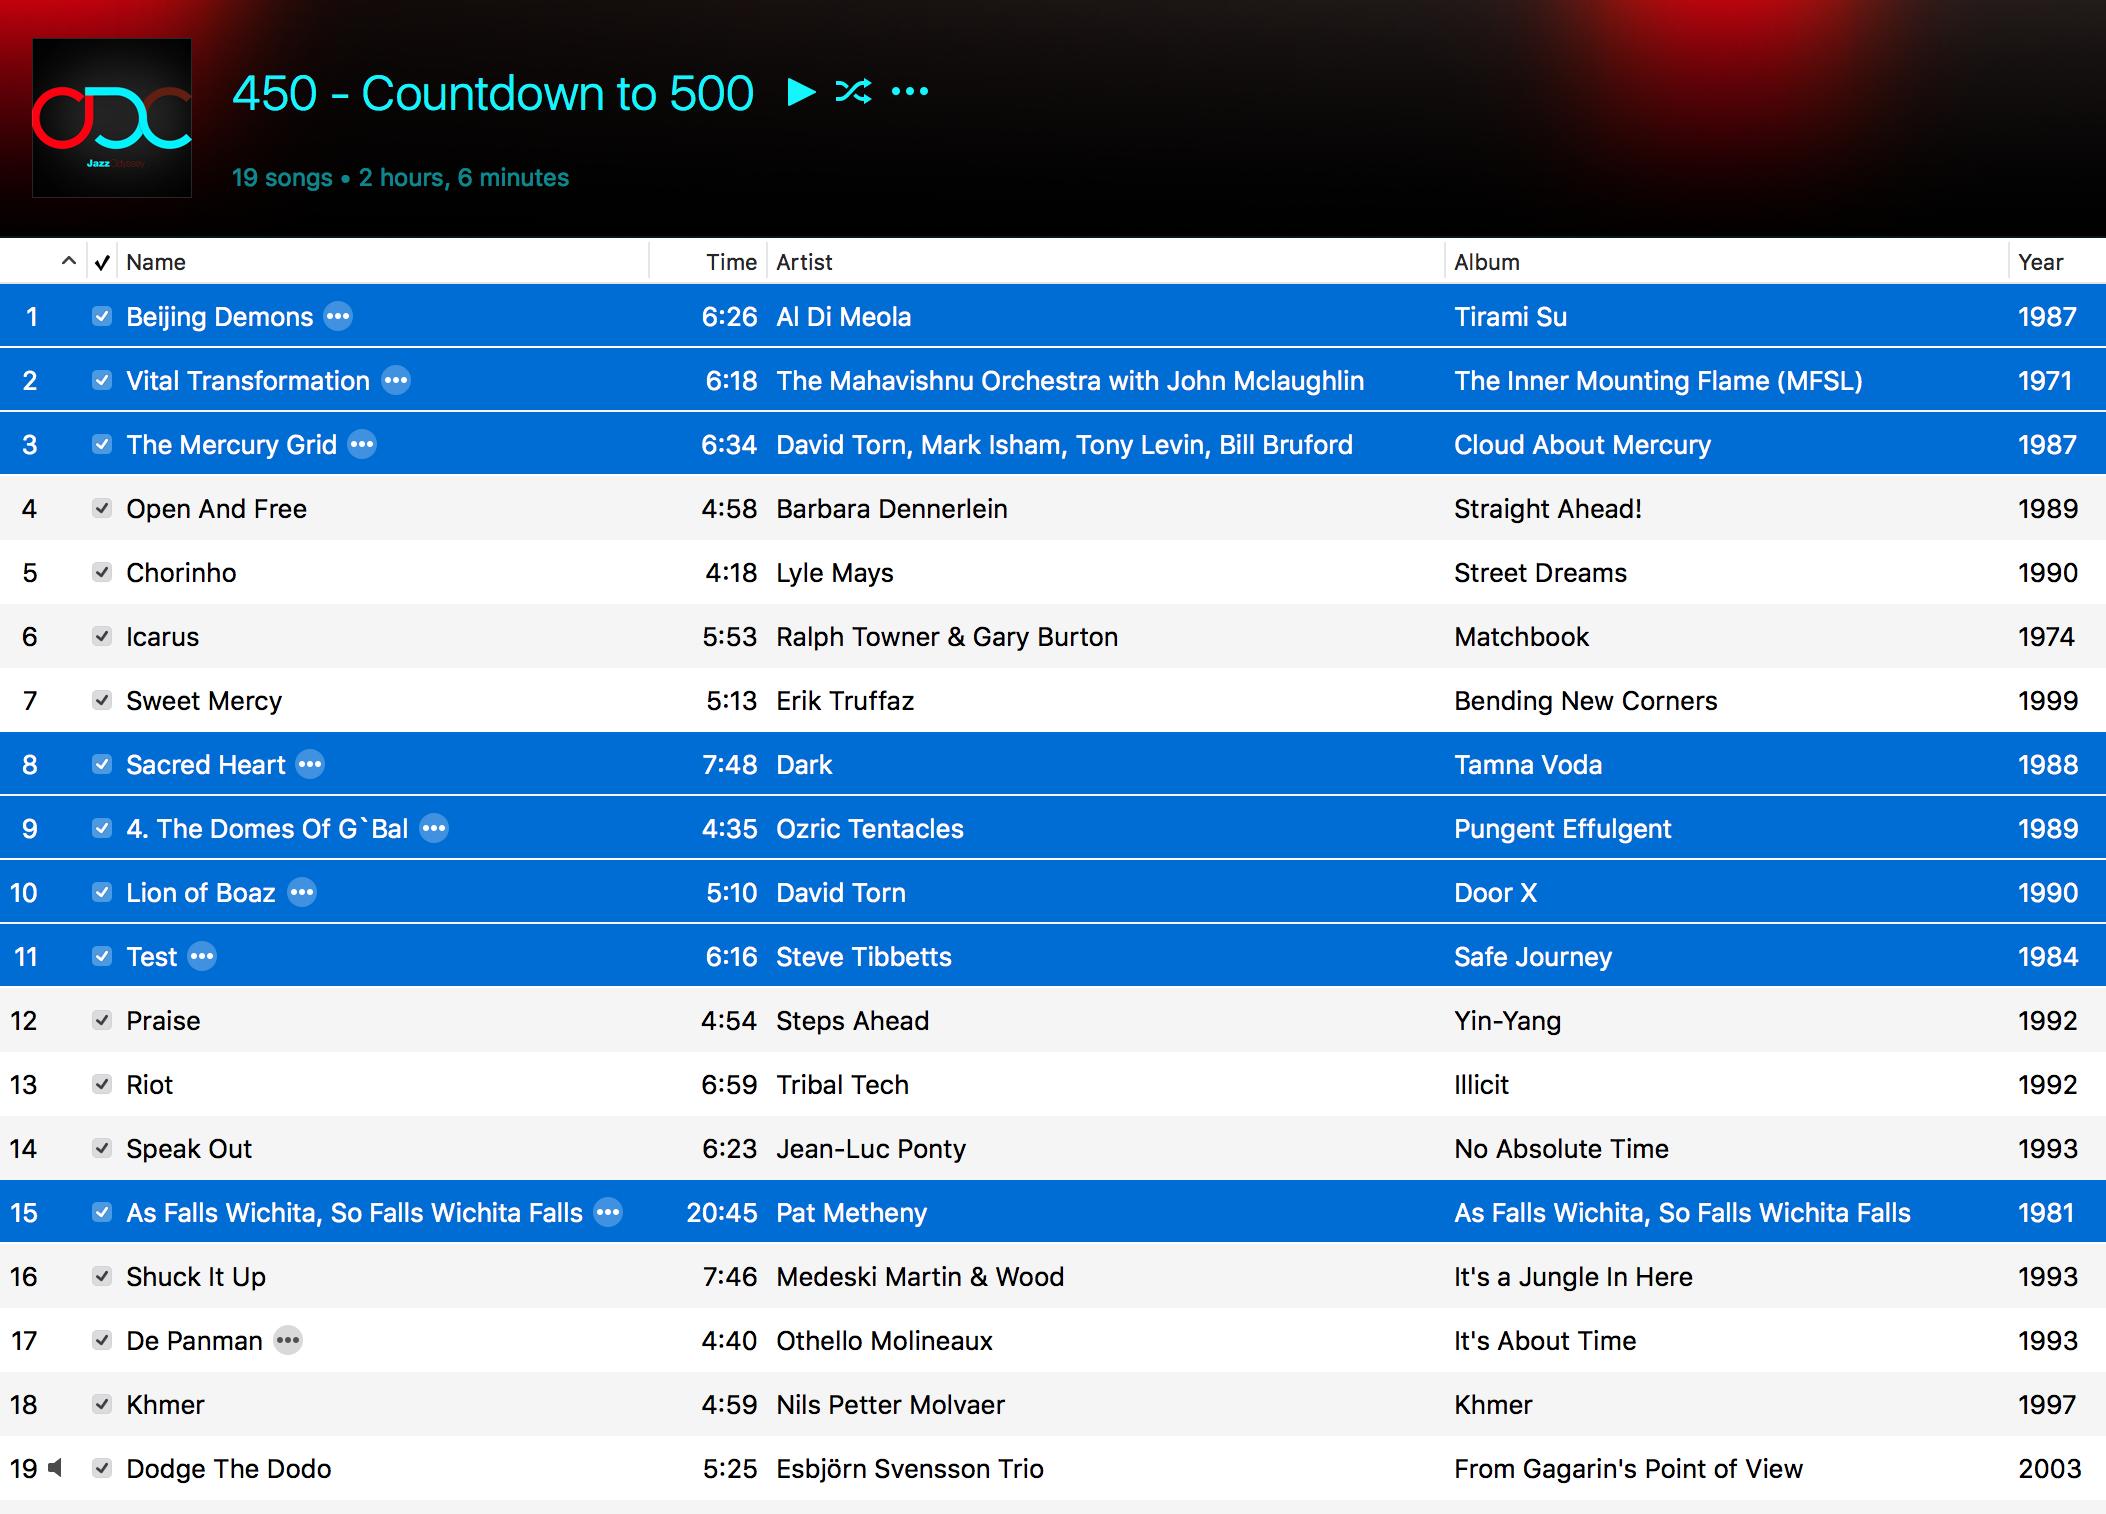 JazzODC #450 - Countdown to 500 - Playlist